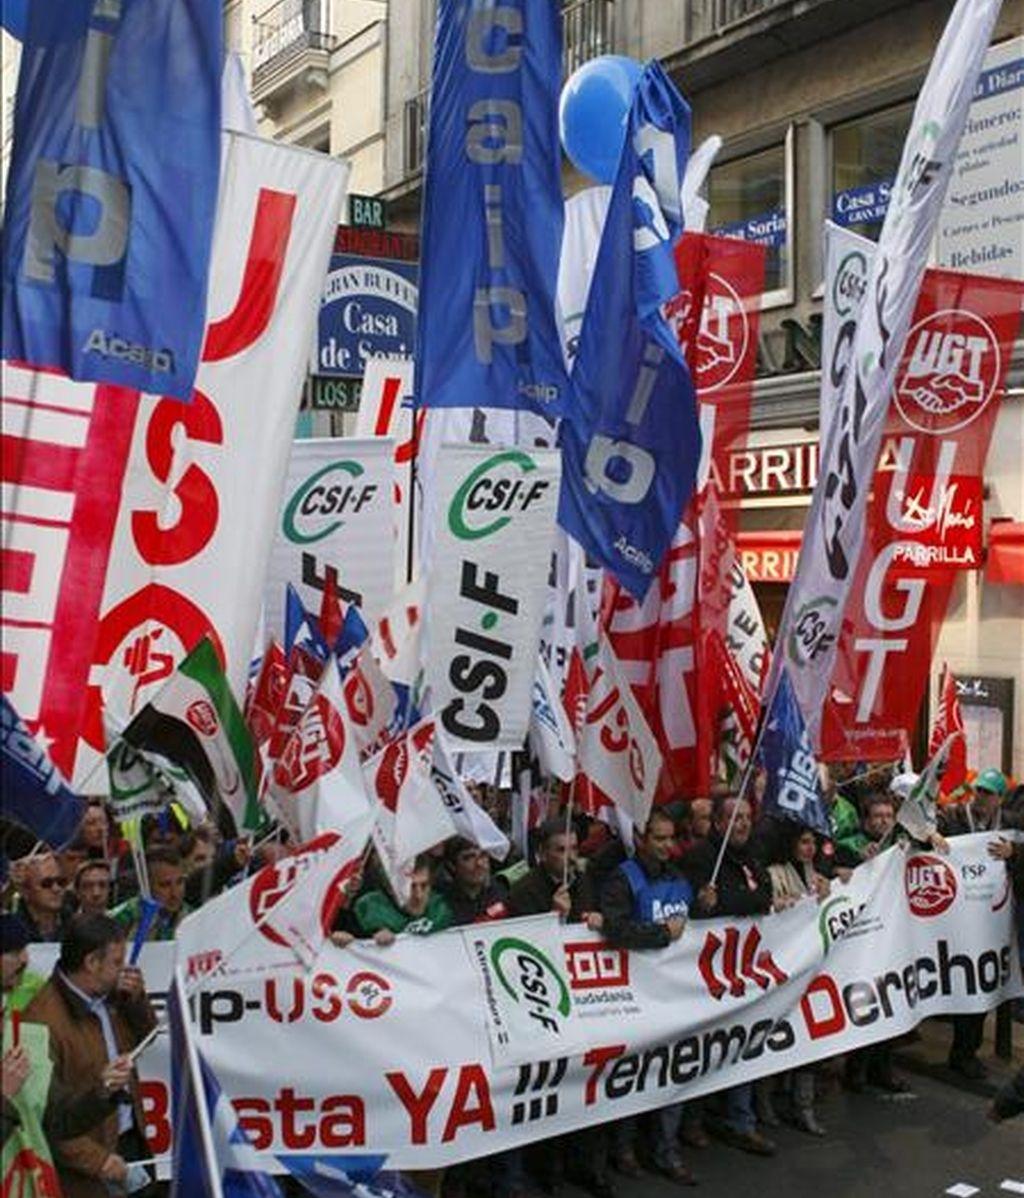 """Funcionarios de prisiones durante la manifestación que han protagonizado esta tarde en Madrid, convocados por los sindicatos ACAIP-USO, CCOO, CIG, CSIF y UGT, para denunciar el """"deterioro"""" de sus condiciones de trabajo y exigir mejoras laborales. EFE"""